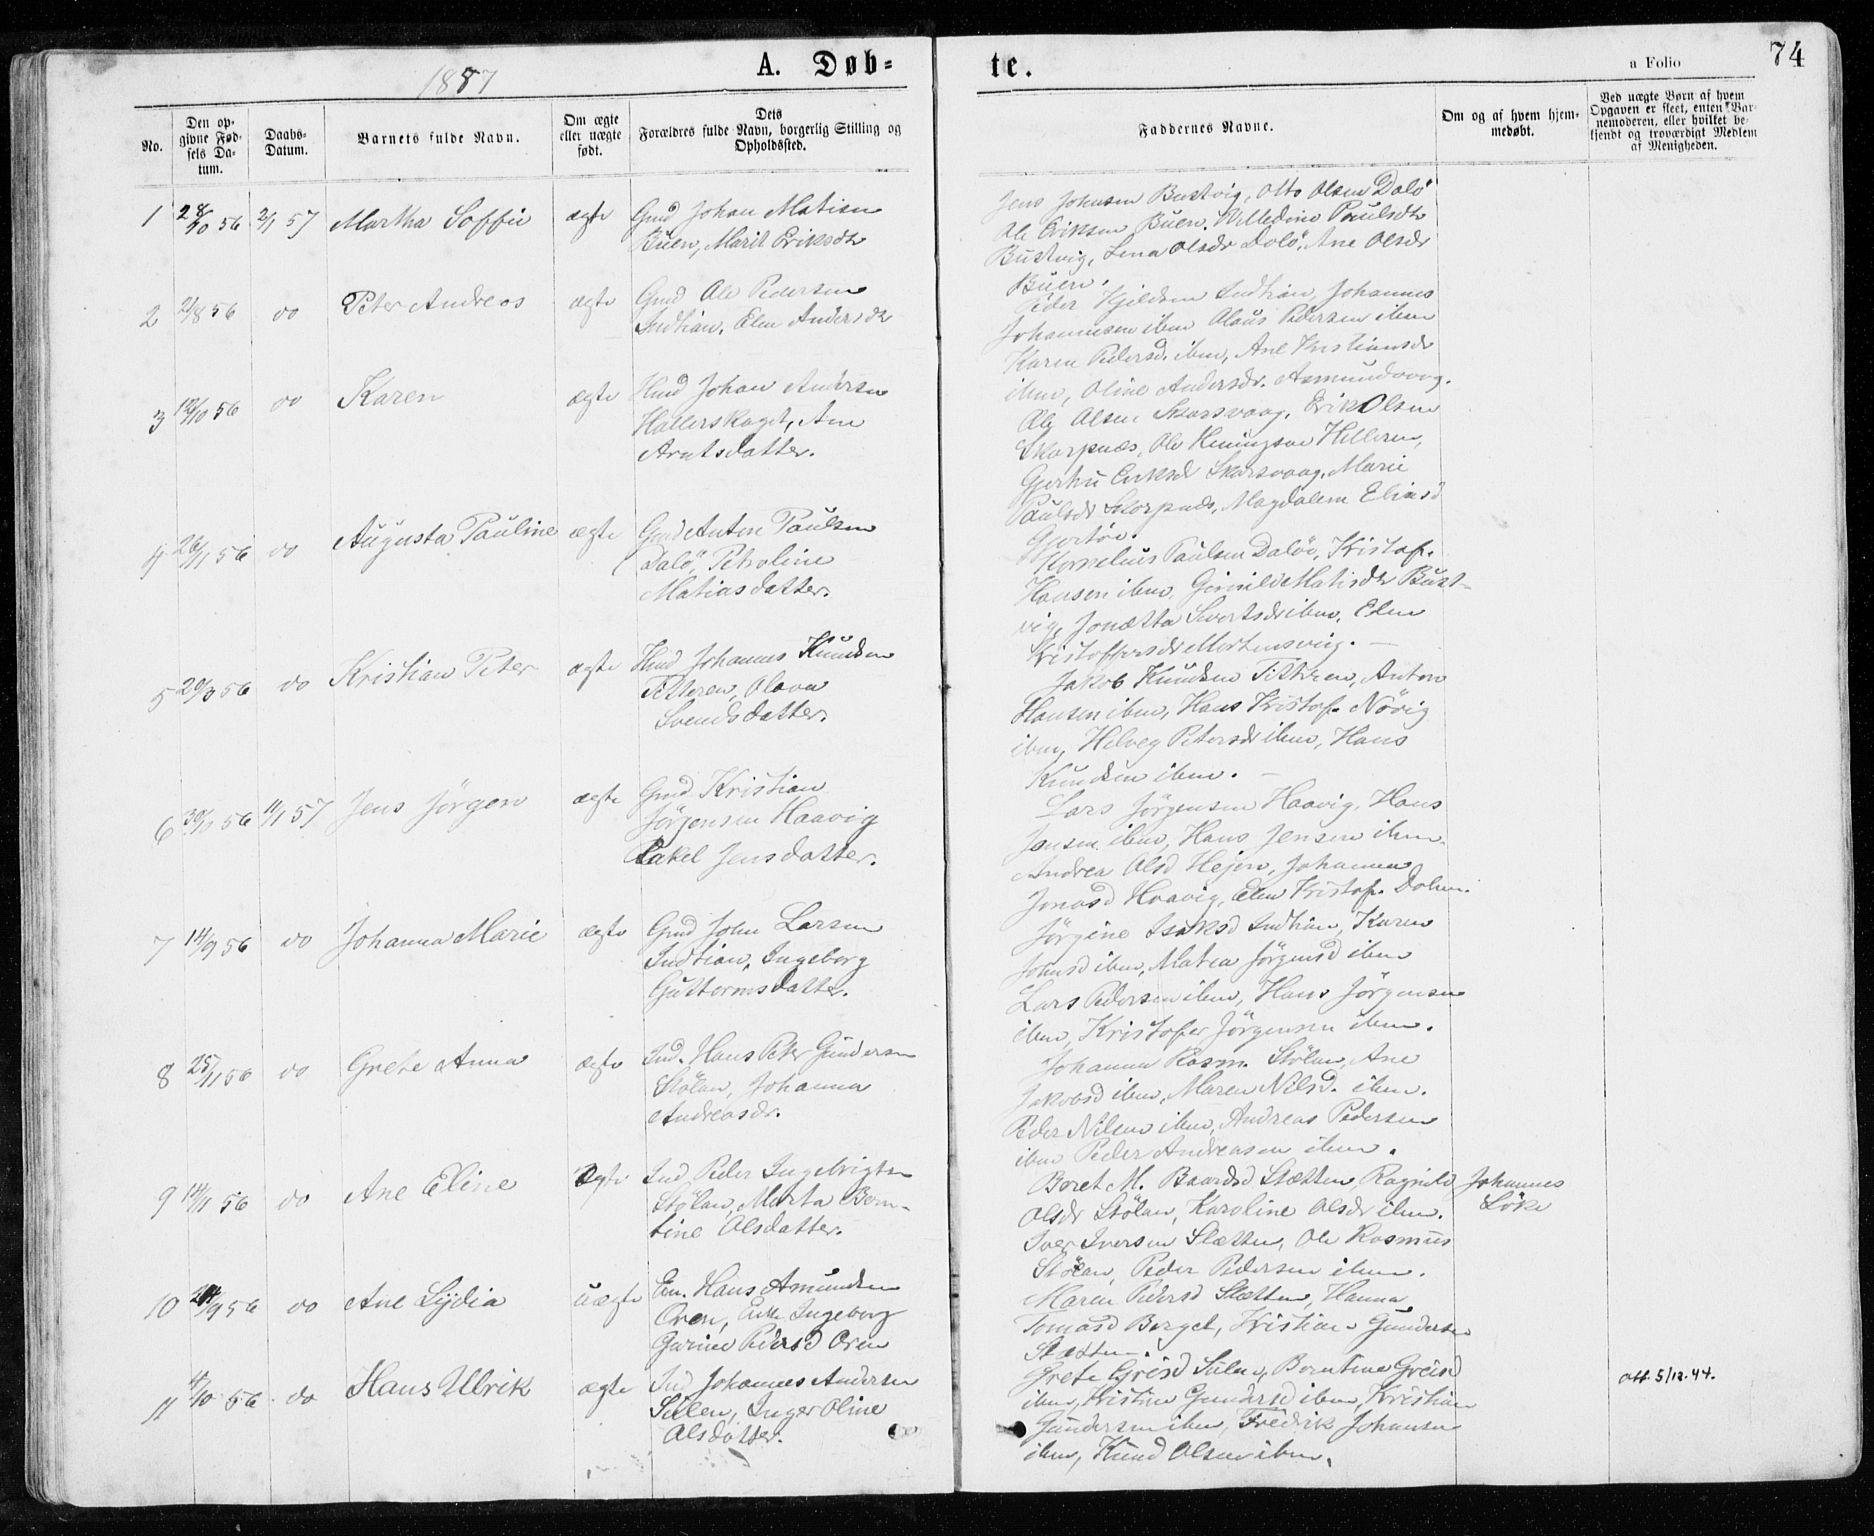 SAT, Ministerialprotokoller, klokkerbøker og fødselsregistre - Sør-Trøndelag, 640/L0576: Ministerialbok nr. 640A01, 1846-1876, s. 74